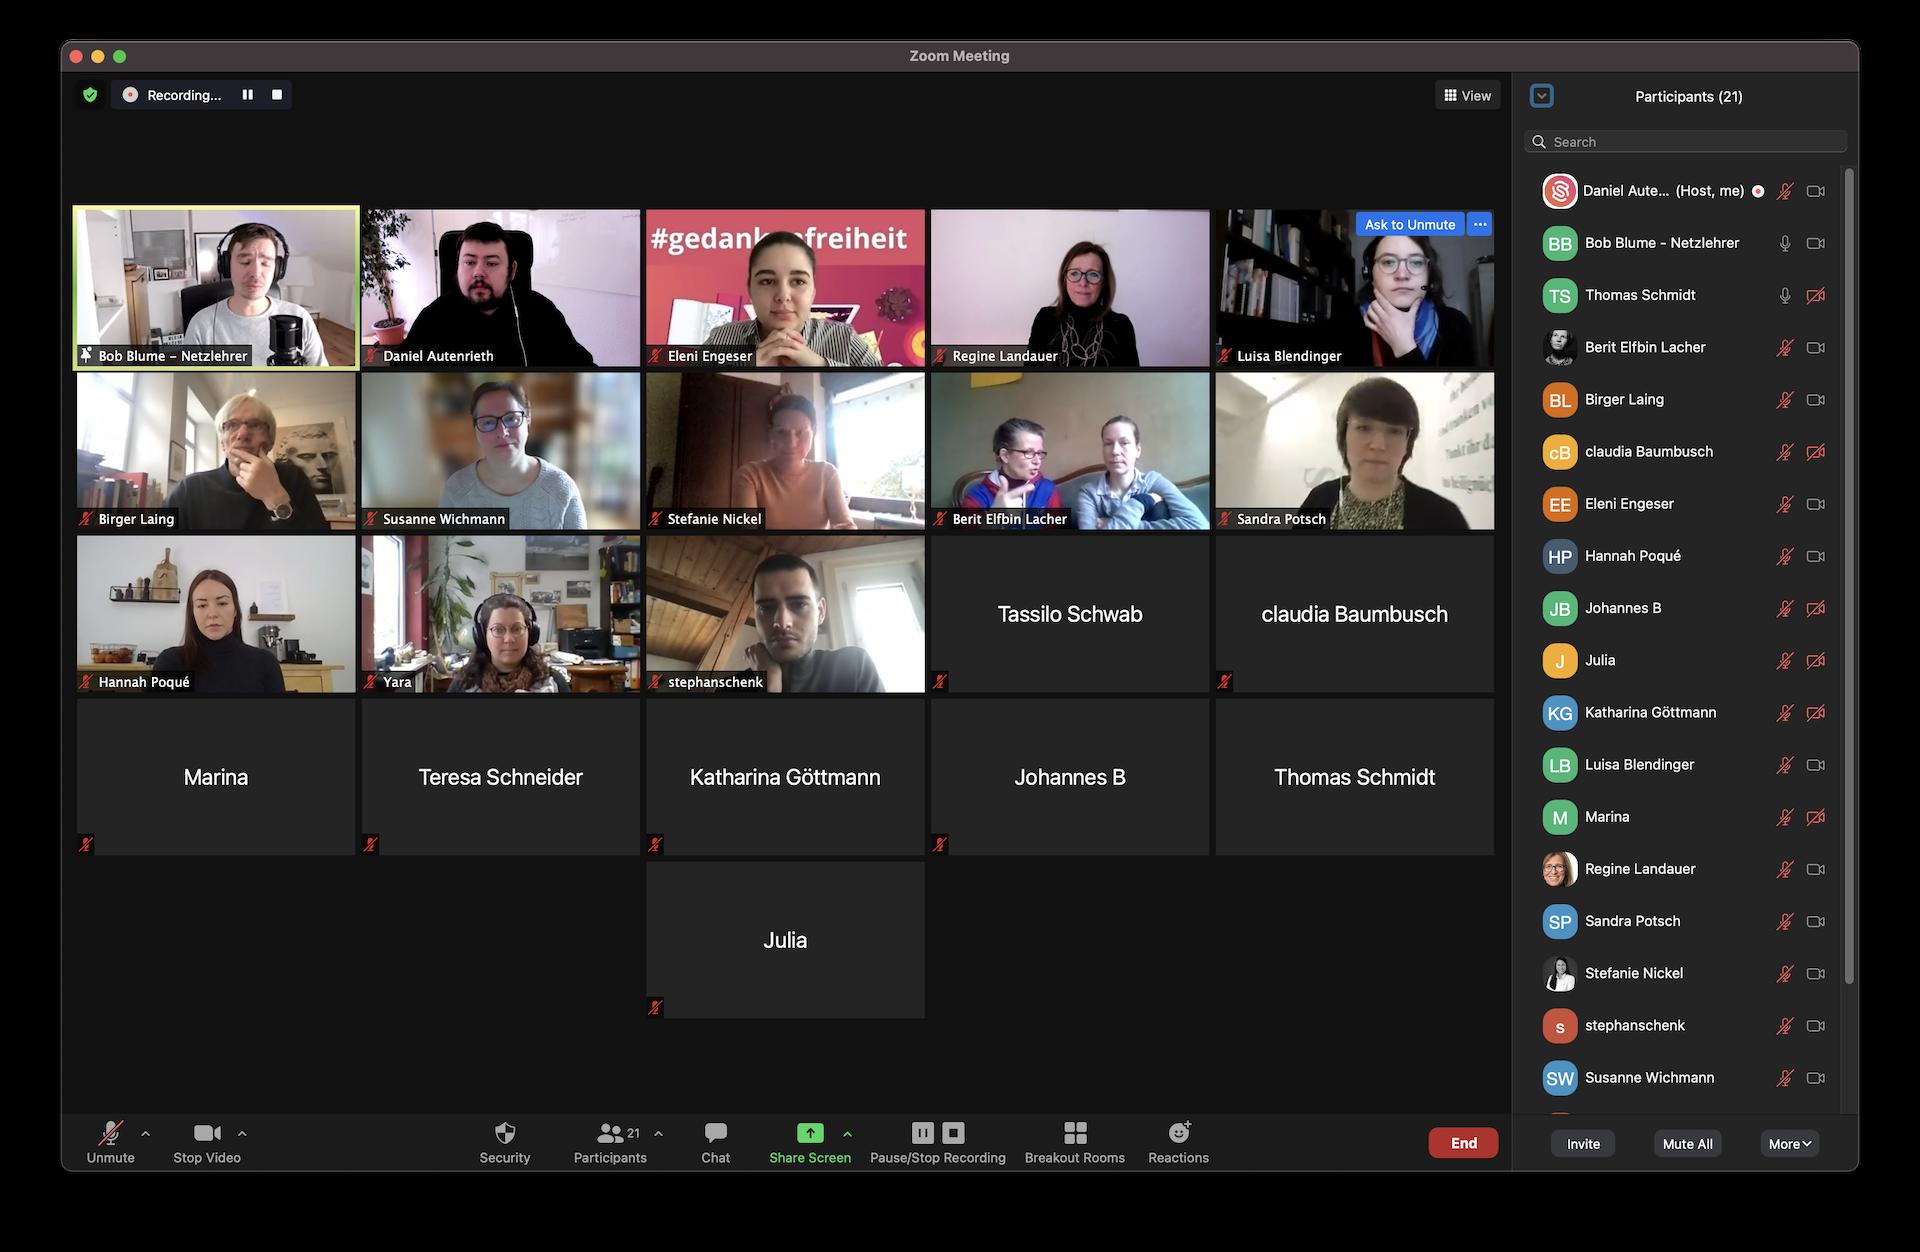 Hackathon Zoom Meeting